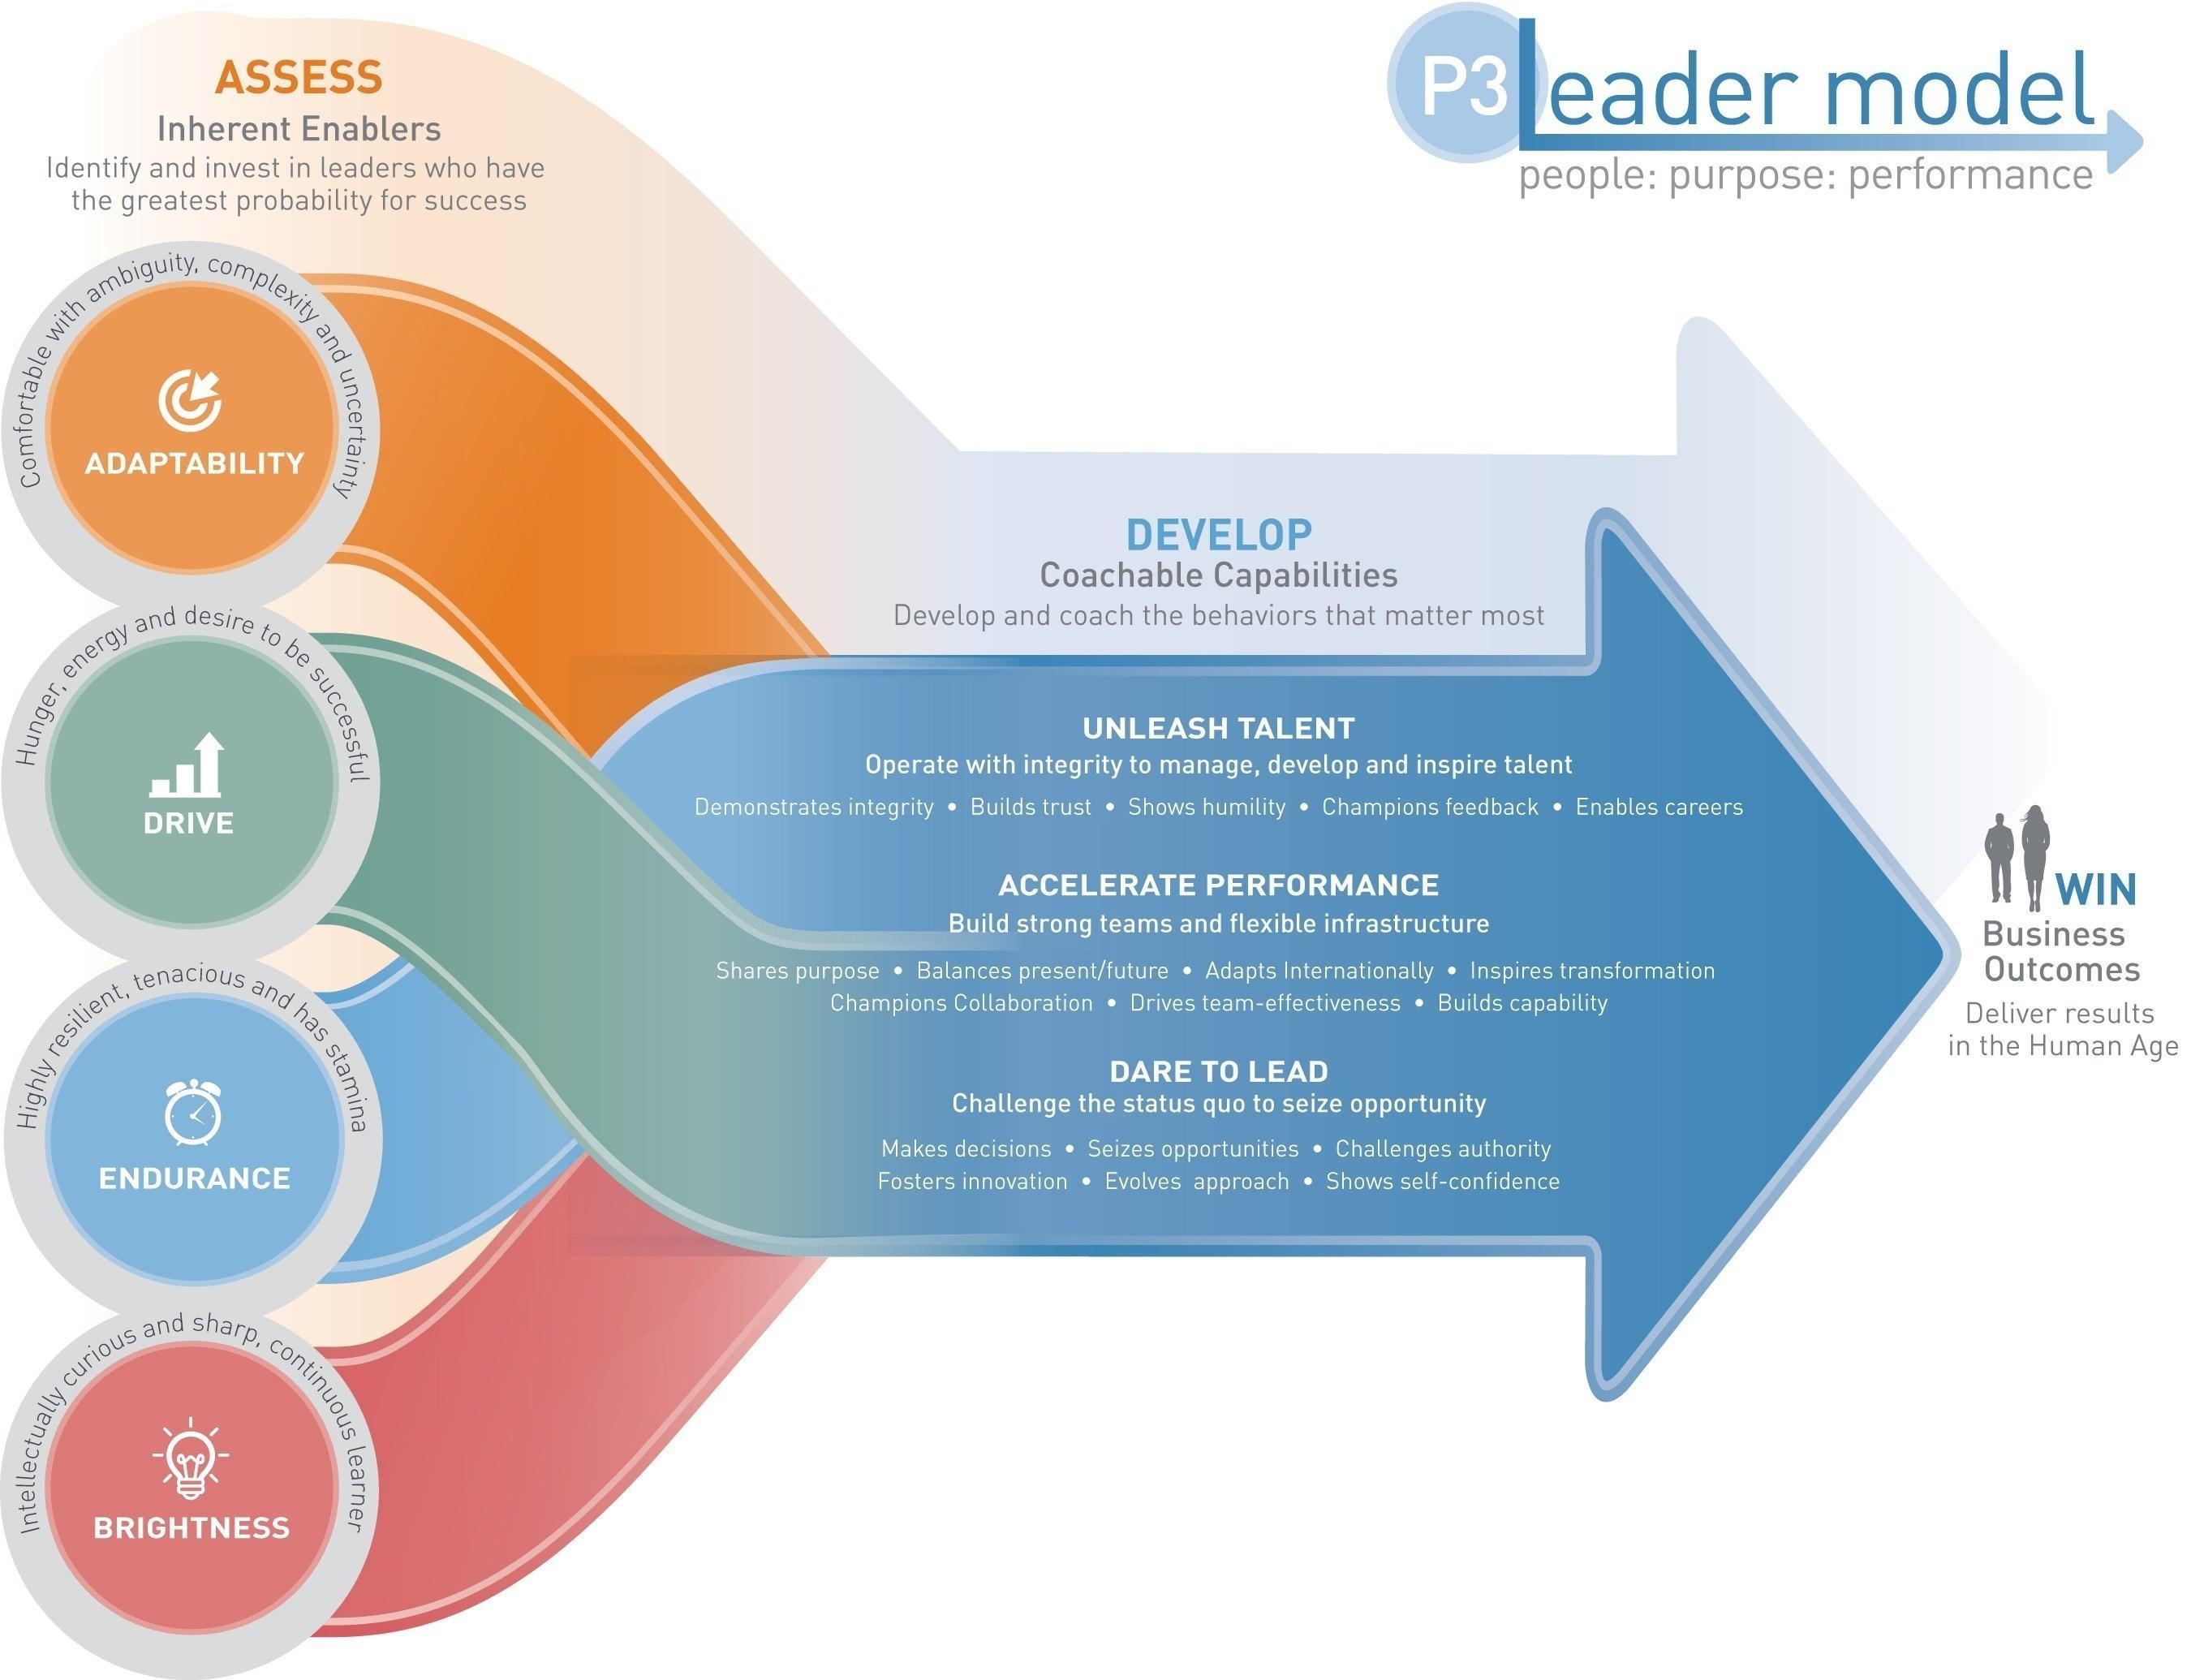 P3 Leader Model